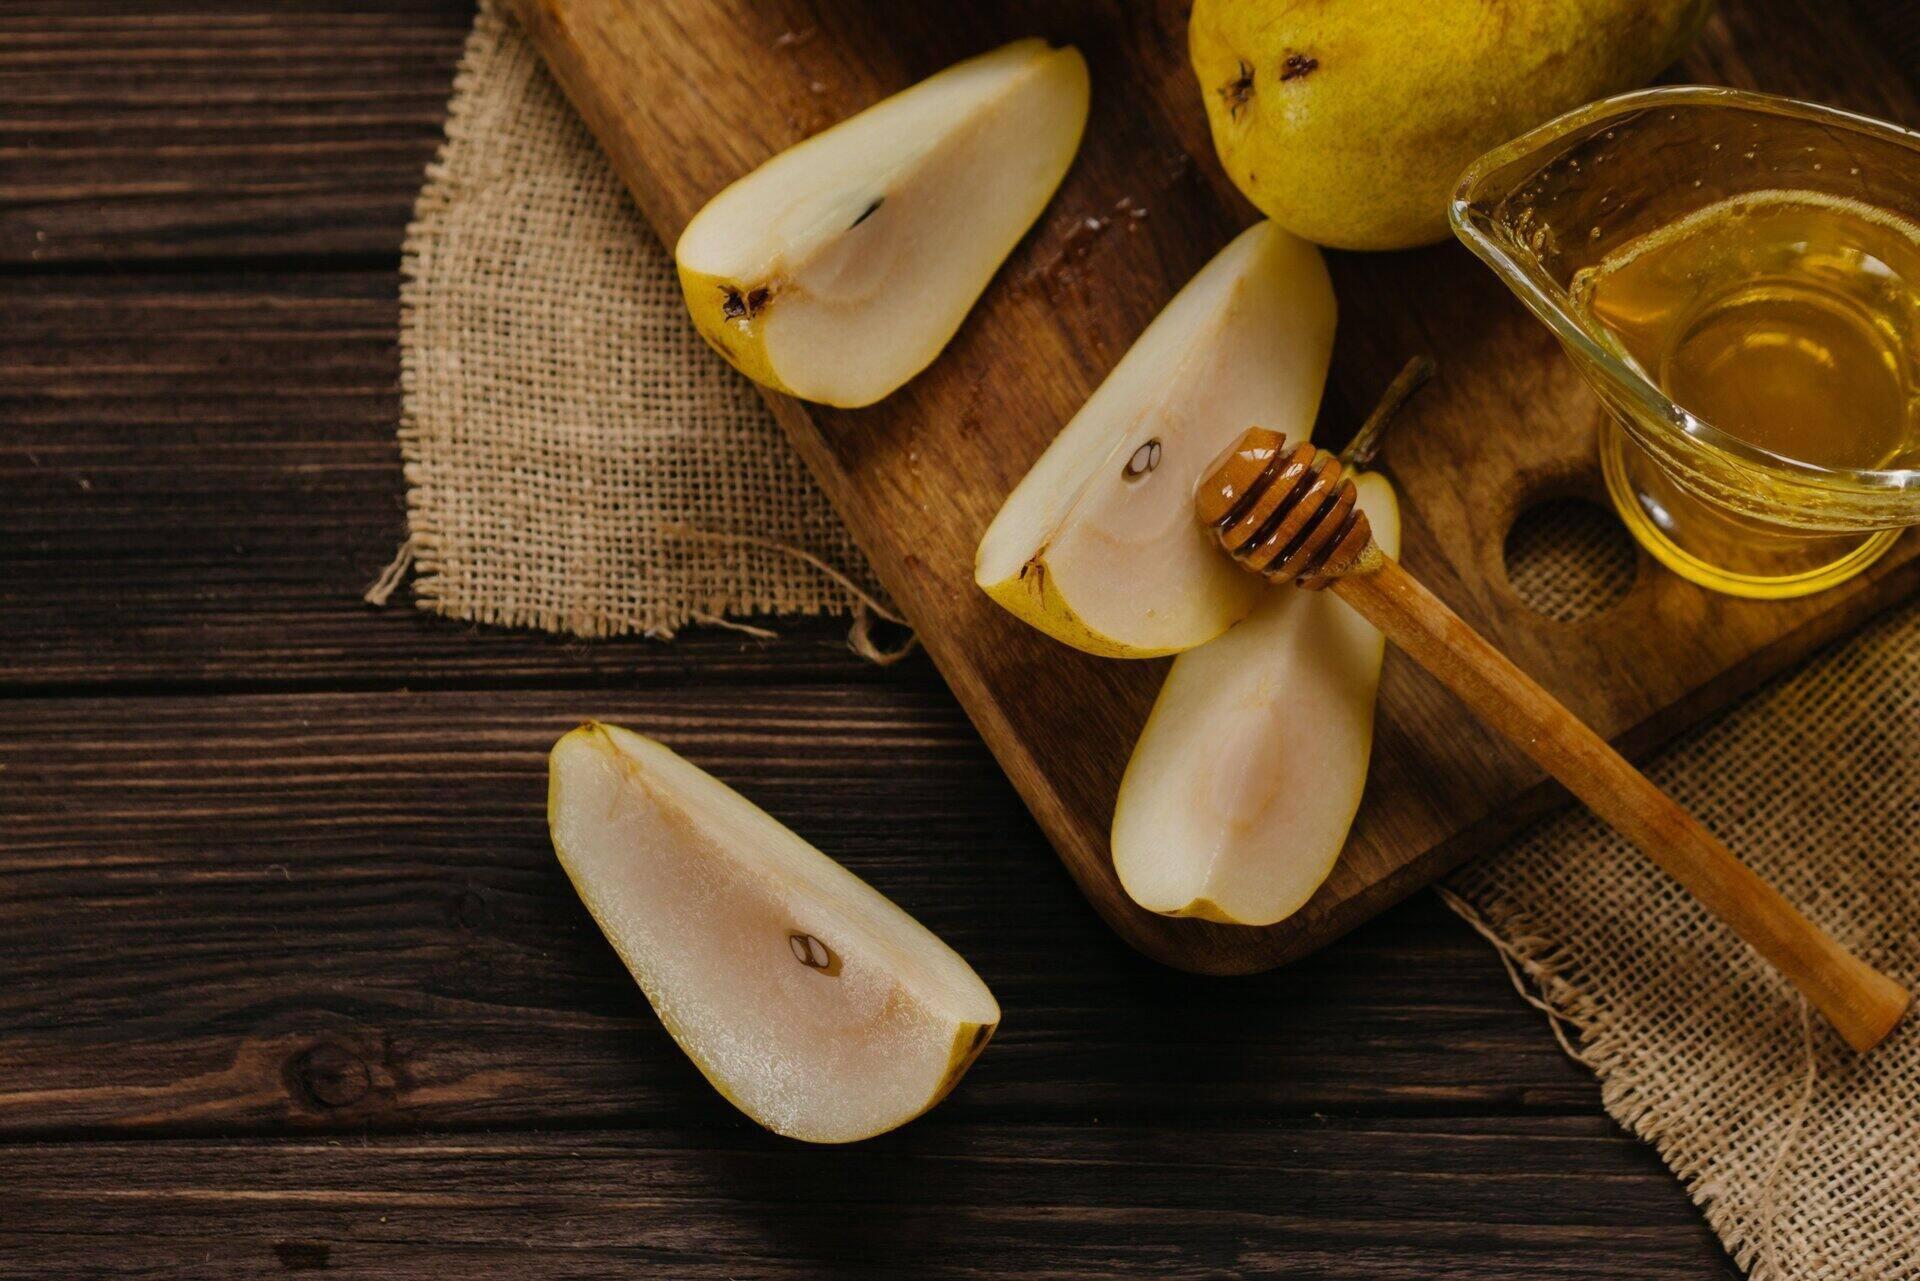 Frutta tagliata che diventa nera: Angys, la pera che non si ossida